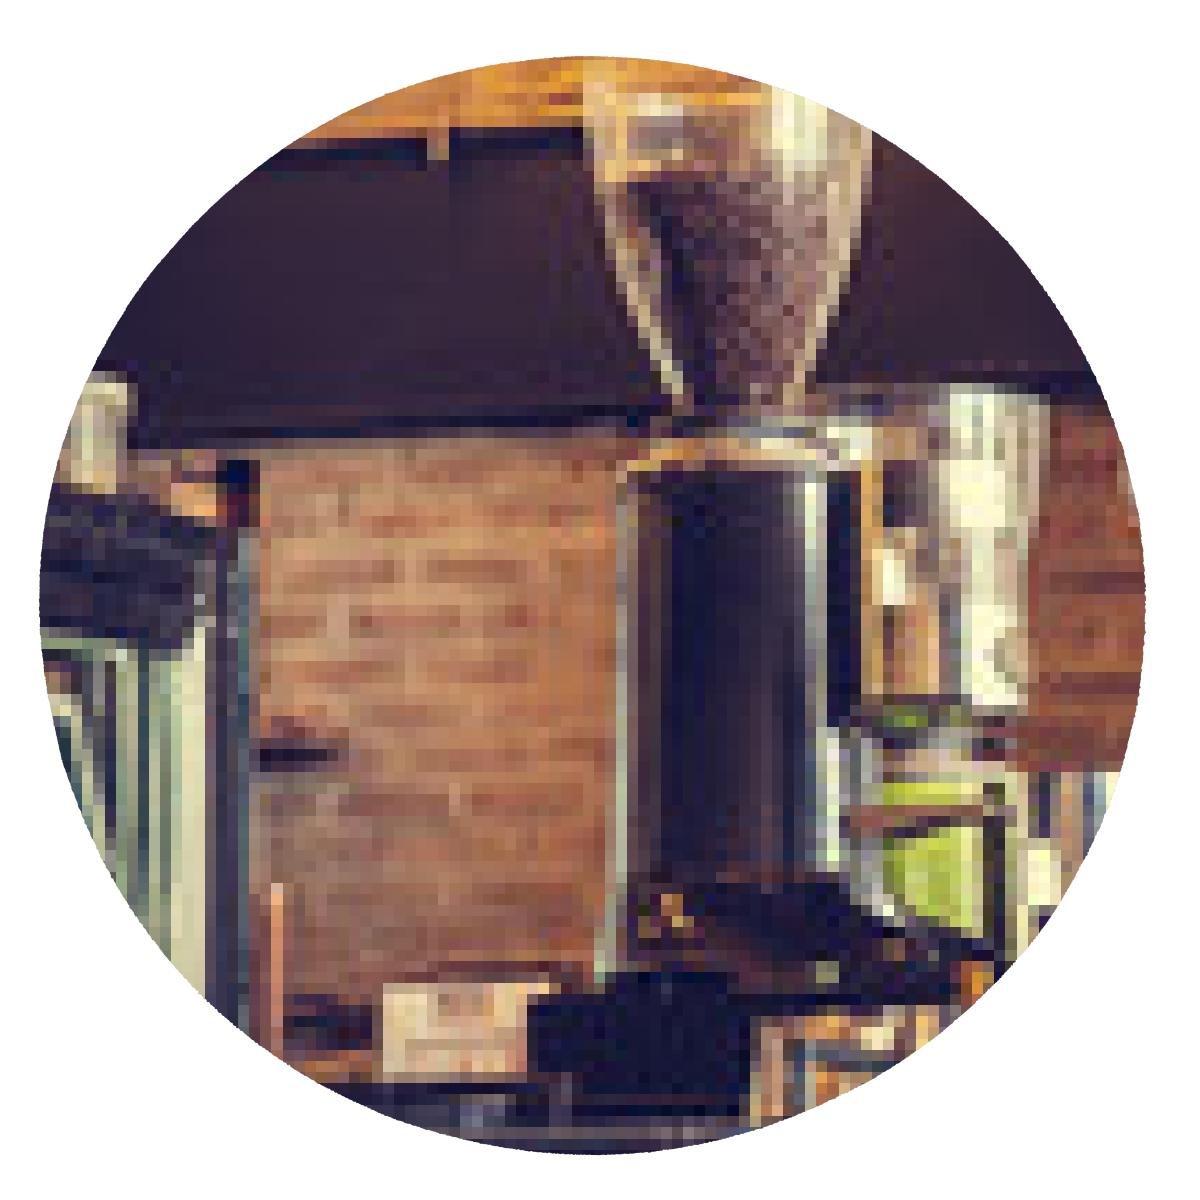 alfombrilla de ratón máquina de café expreso con beansv café tostado, orzuelo de la vendimia: Amazon.es: Electrónica